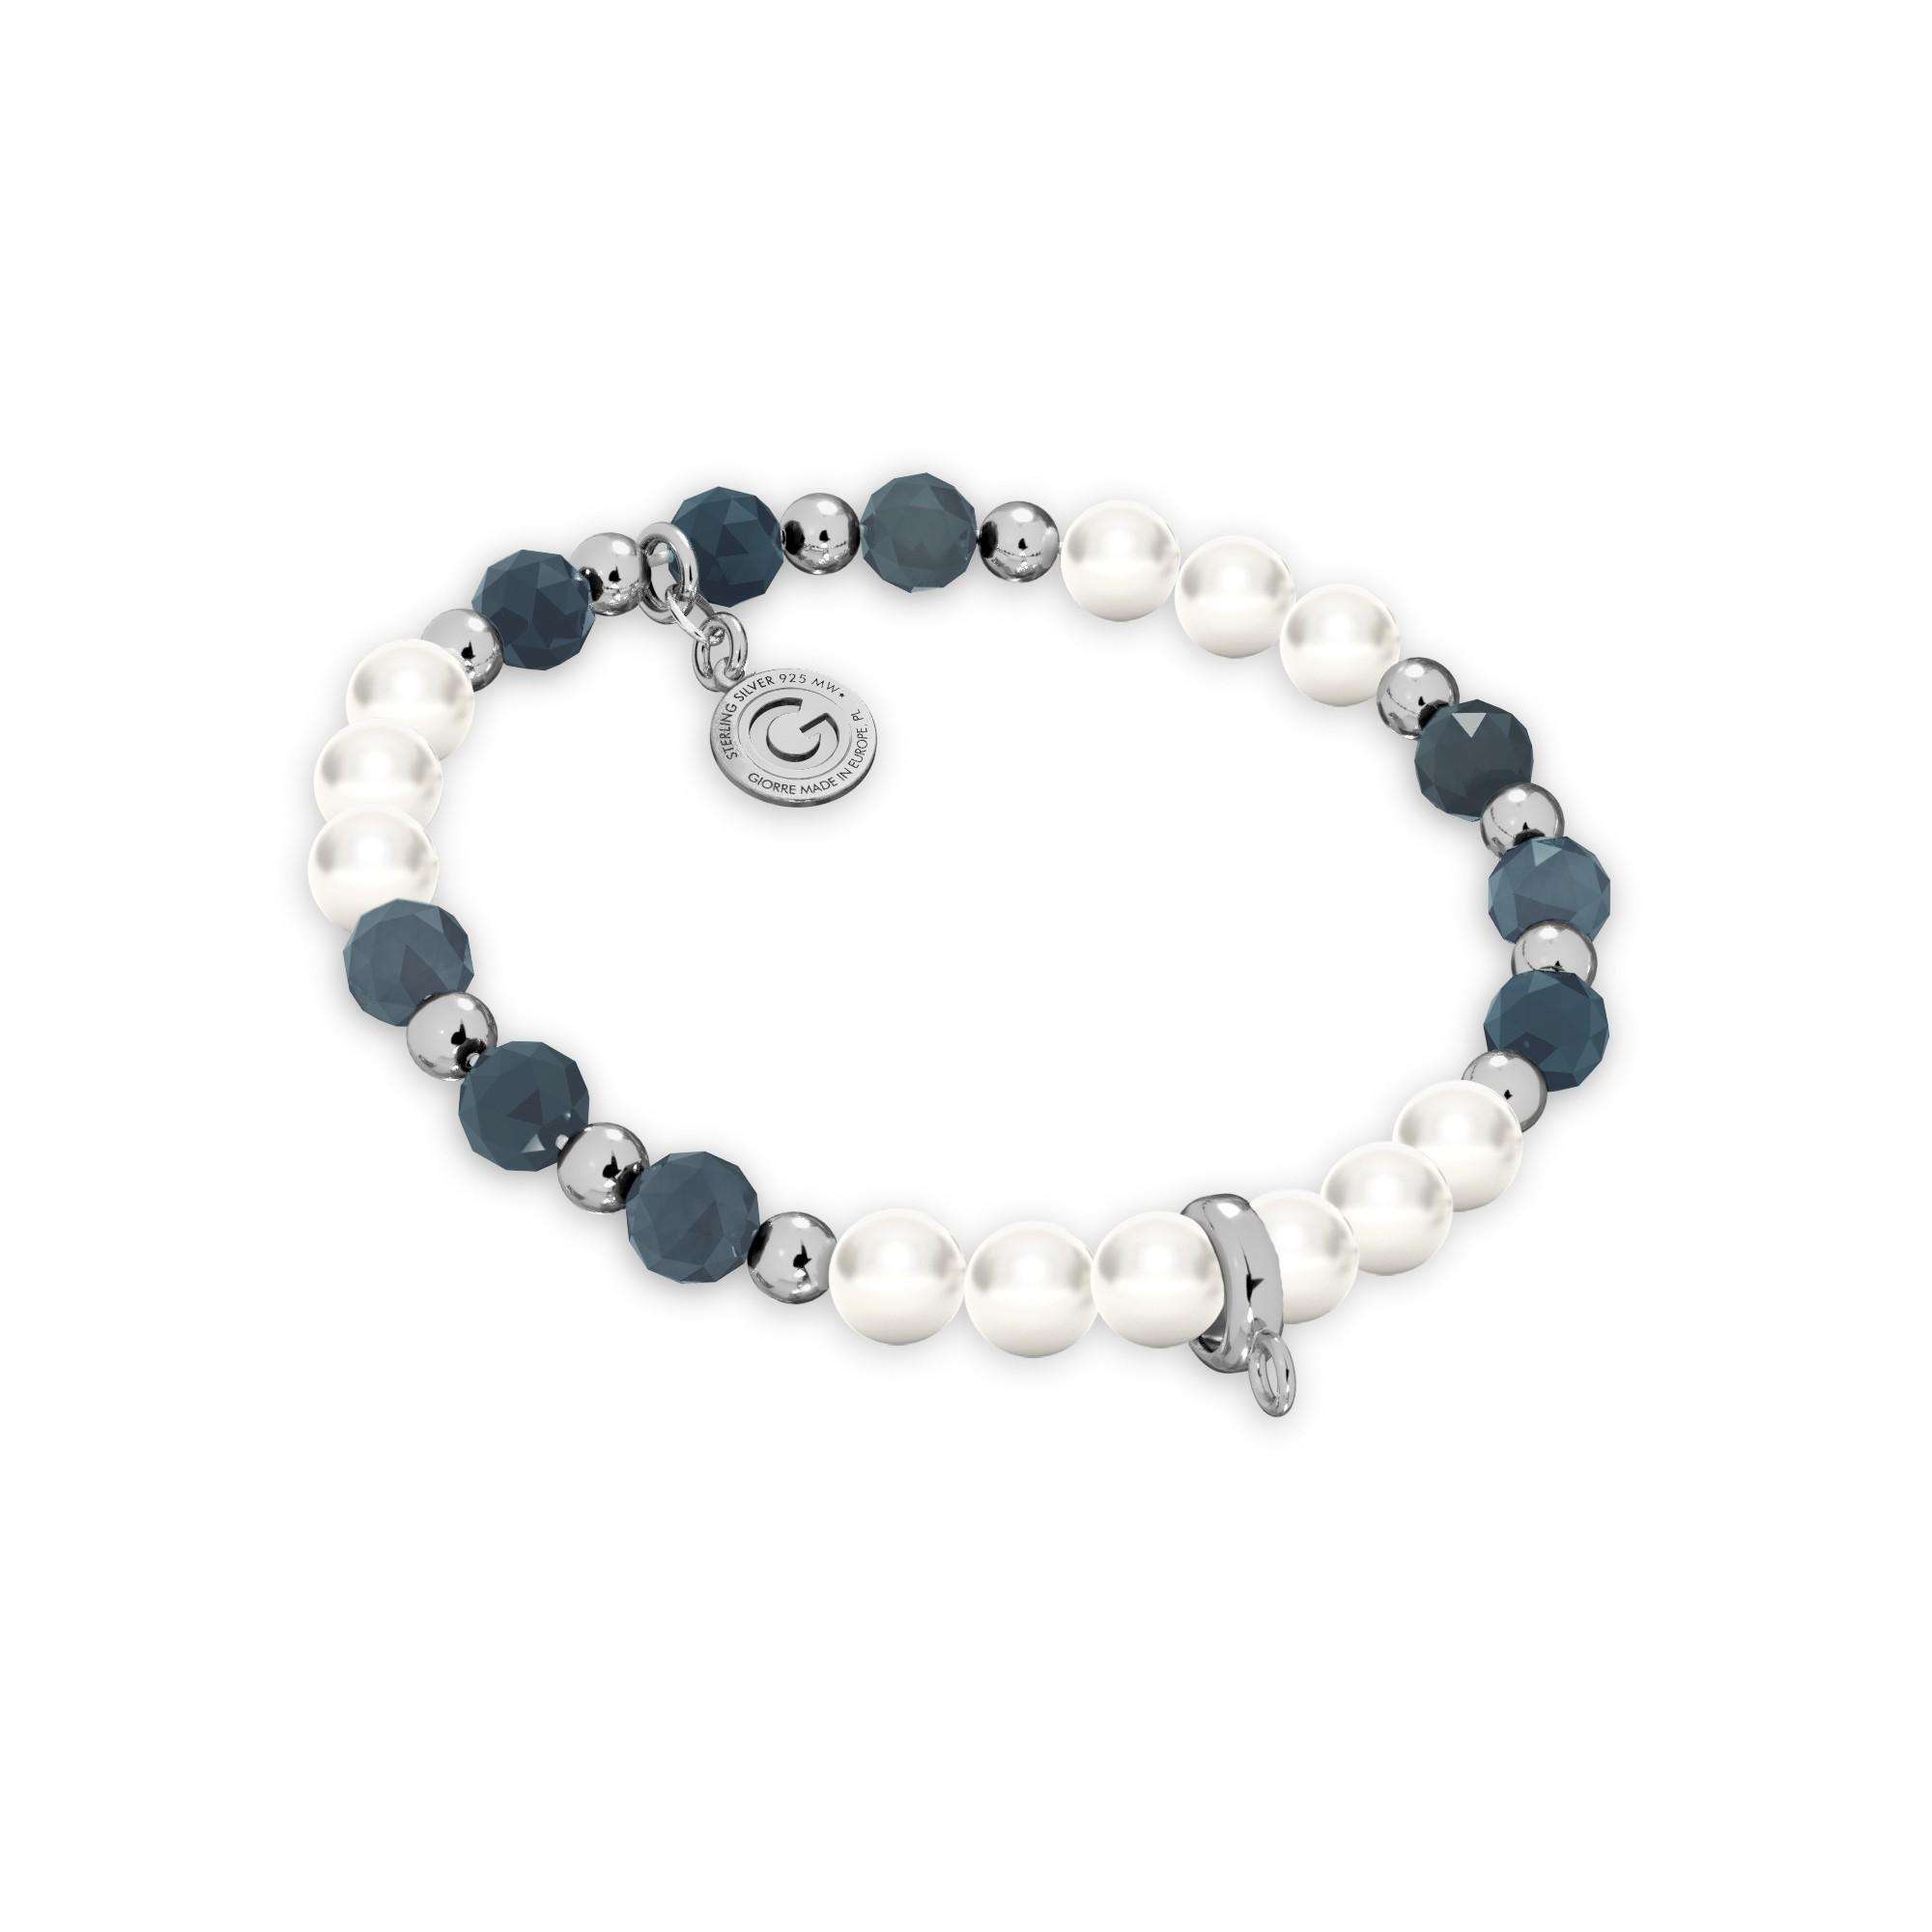 Szafirowa bransoletka z perłami do podwieszania charmsów, srebro 925